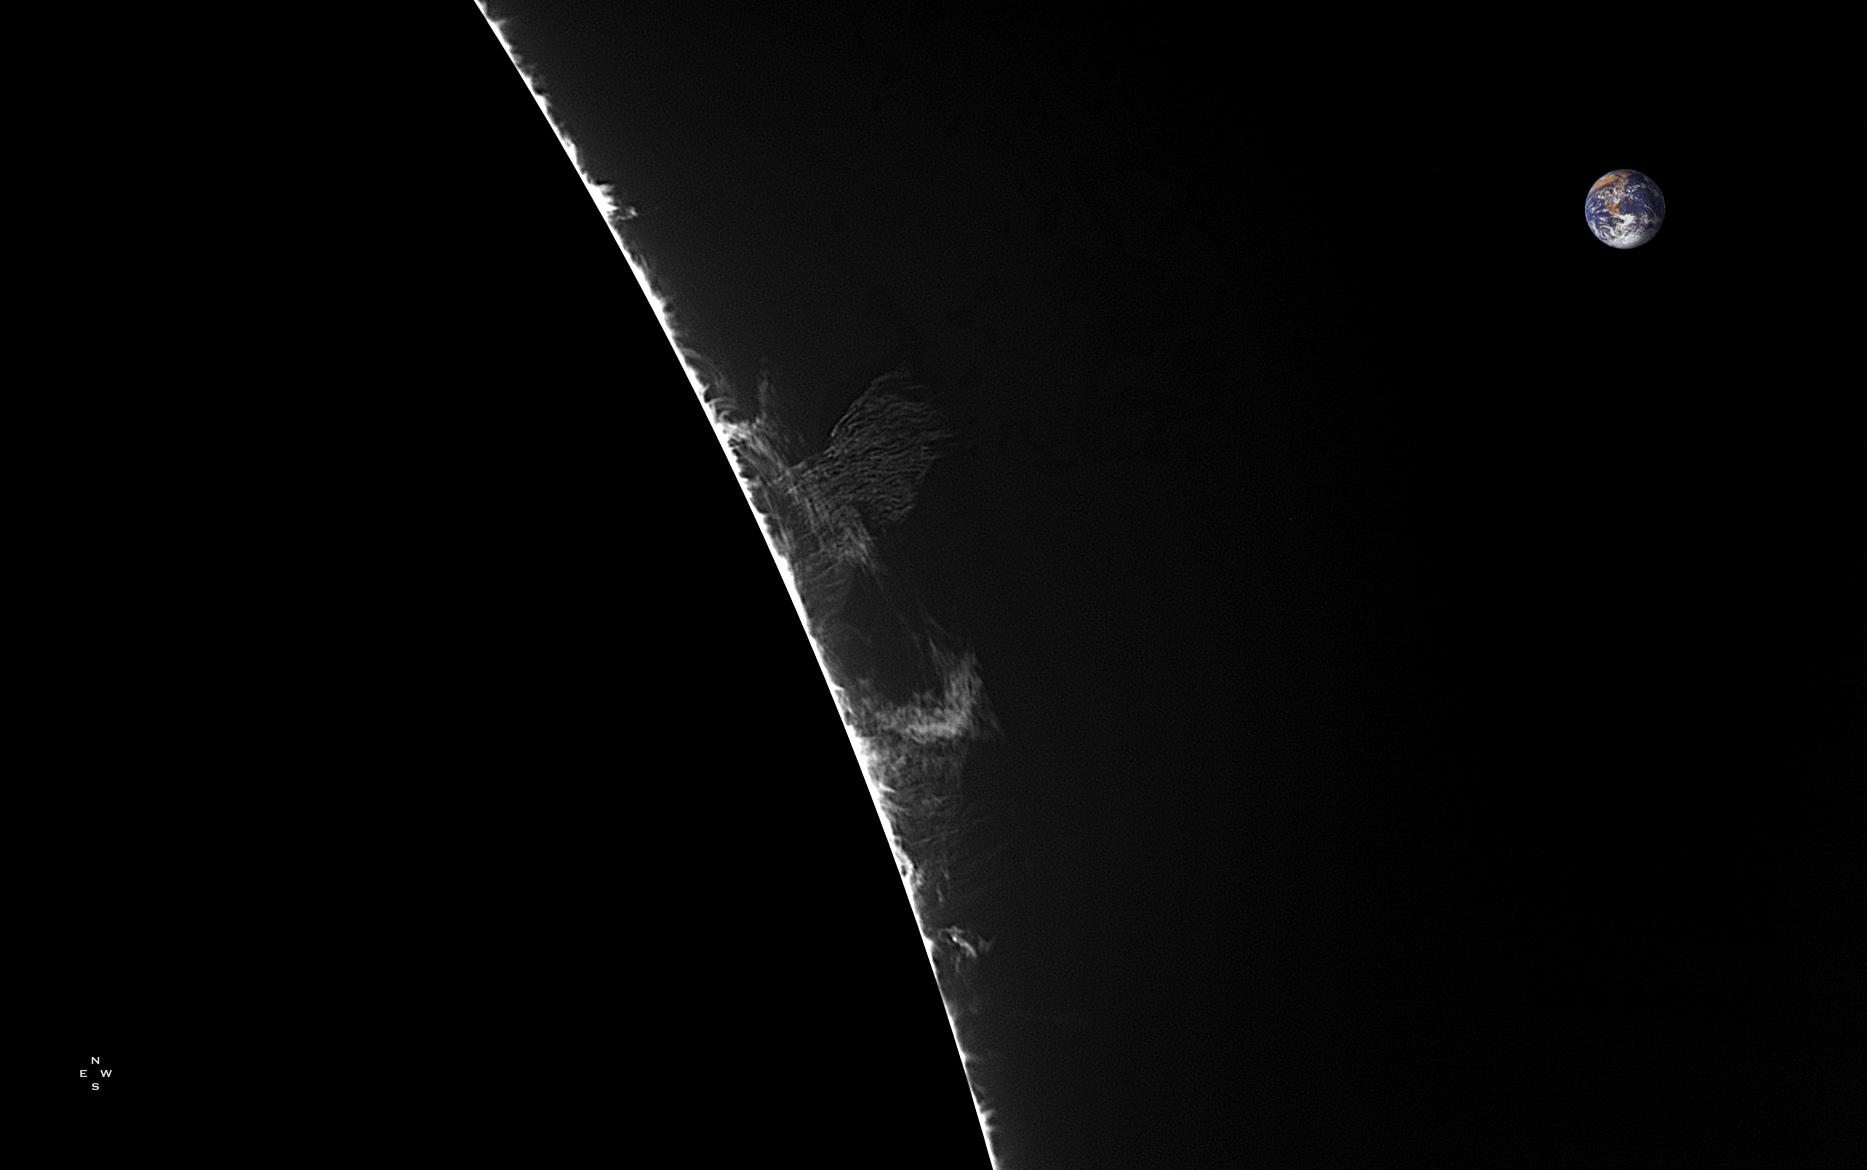 Limbe NW - 01 Mars 2018